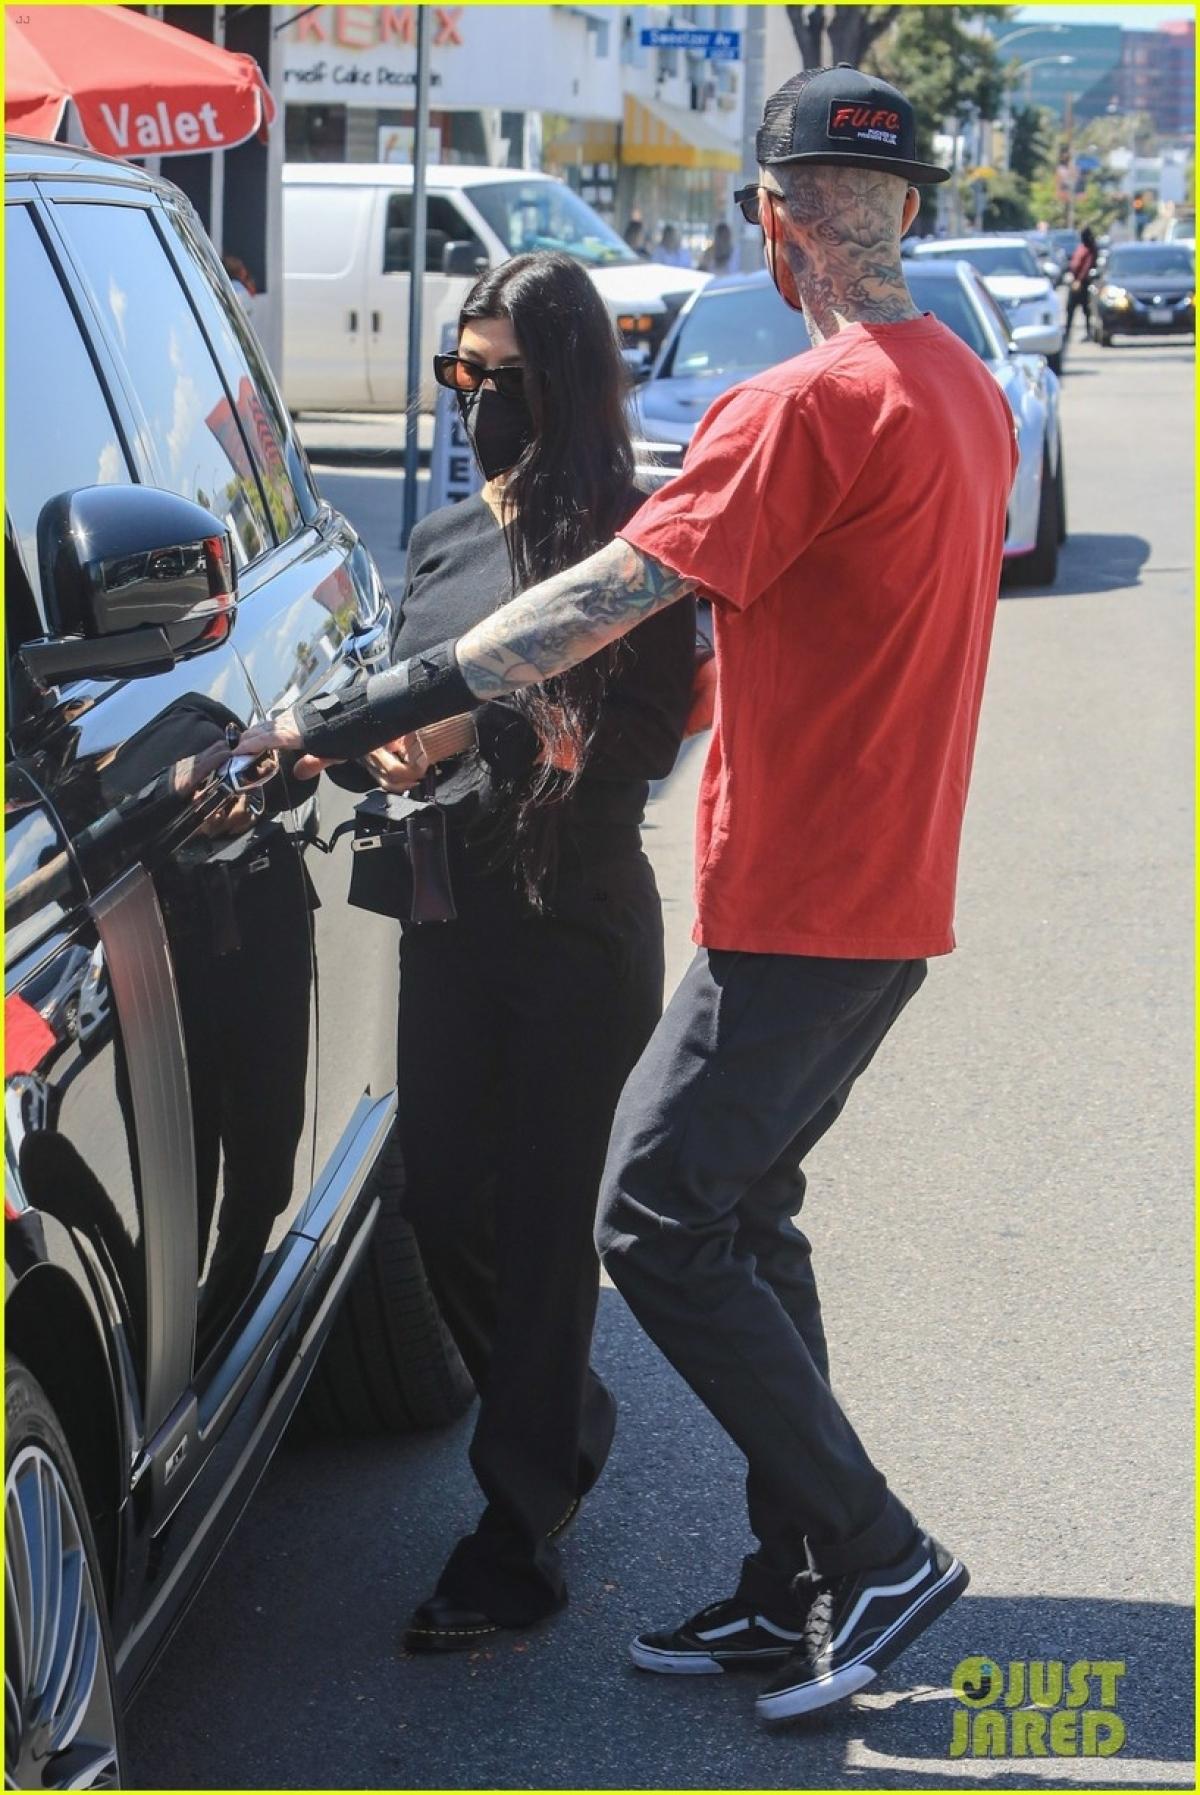 Cả hai từng bị bắt gặp khi đi ăn tối chung tại một nhà hàng Nhật Bản ở Los Angeles, Mỹ vào đầu tháng 2.